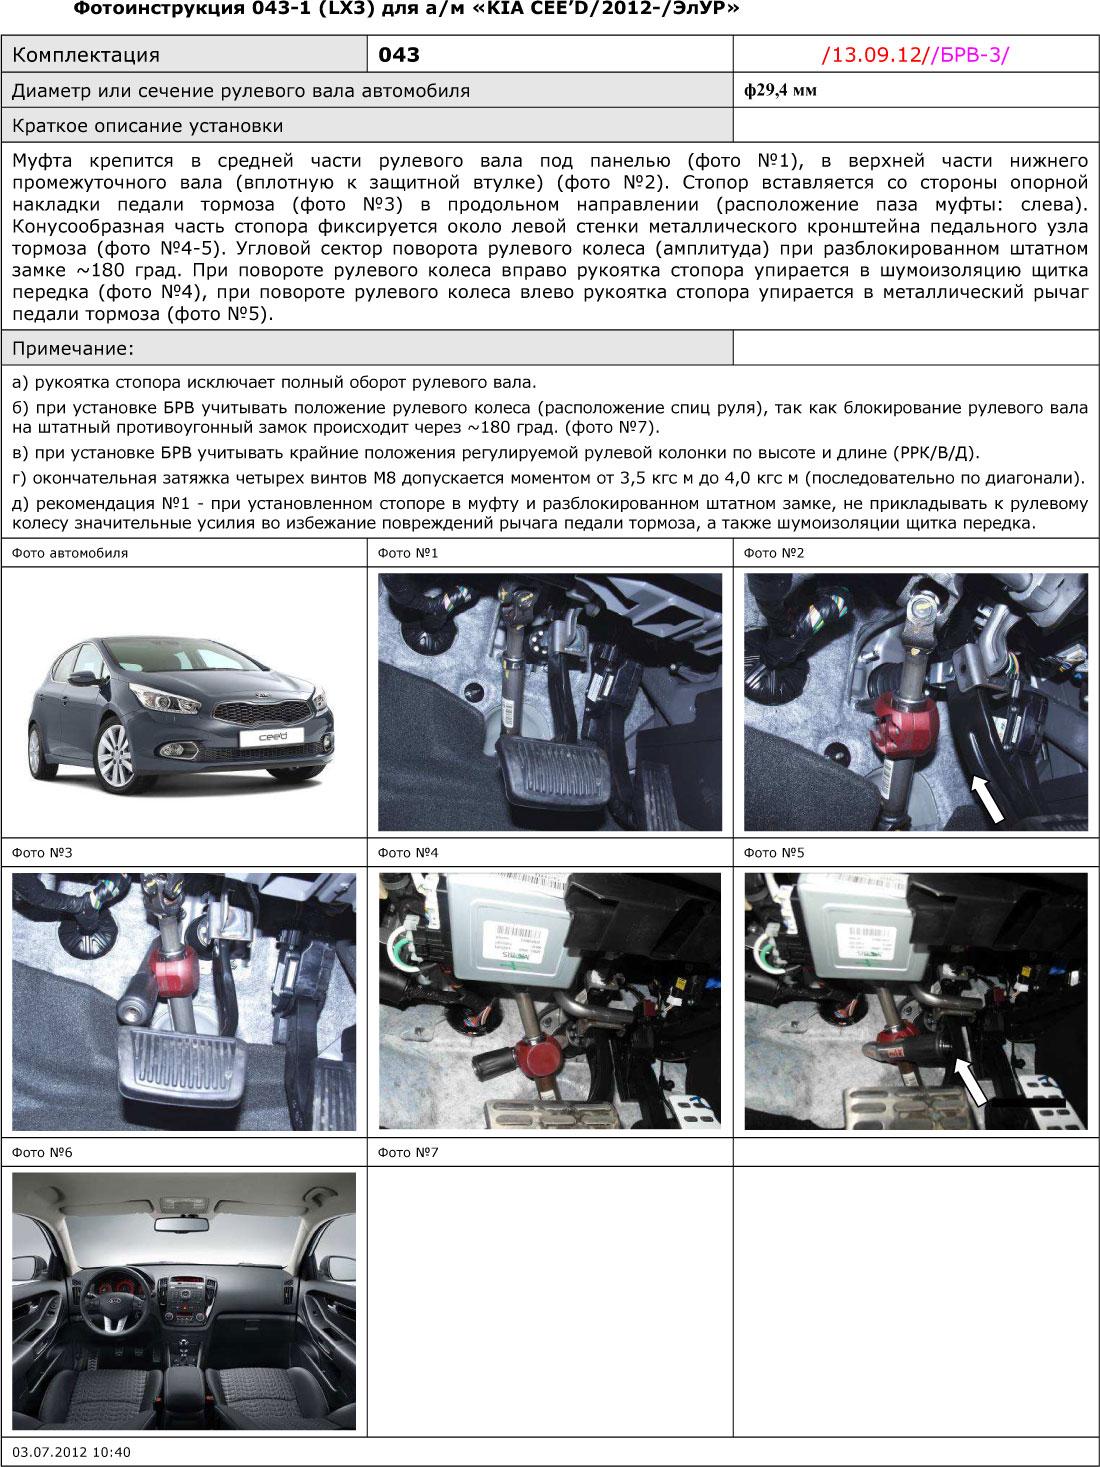 Блокиратор рулевого вала для KIA CEE'D /2012-/ ЭлУР - Гарант Блок Люкс 043.E/k